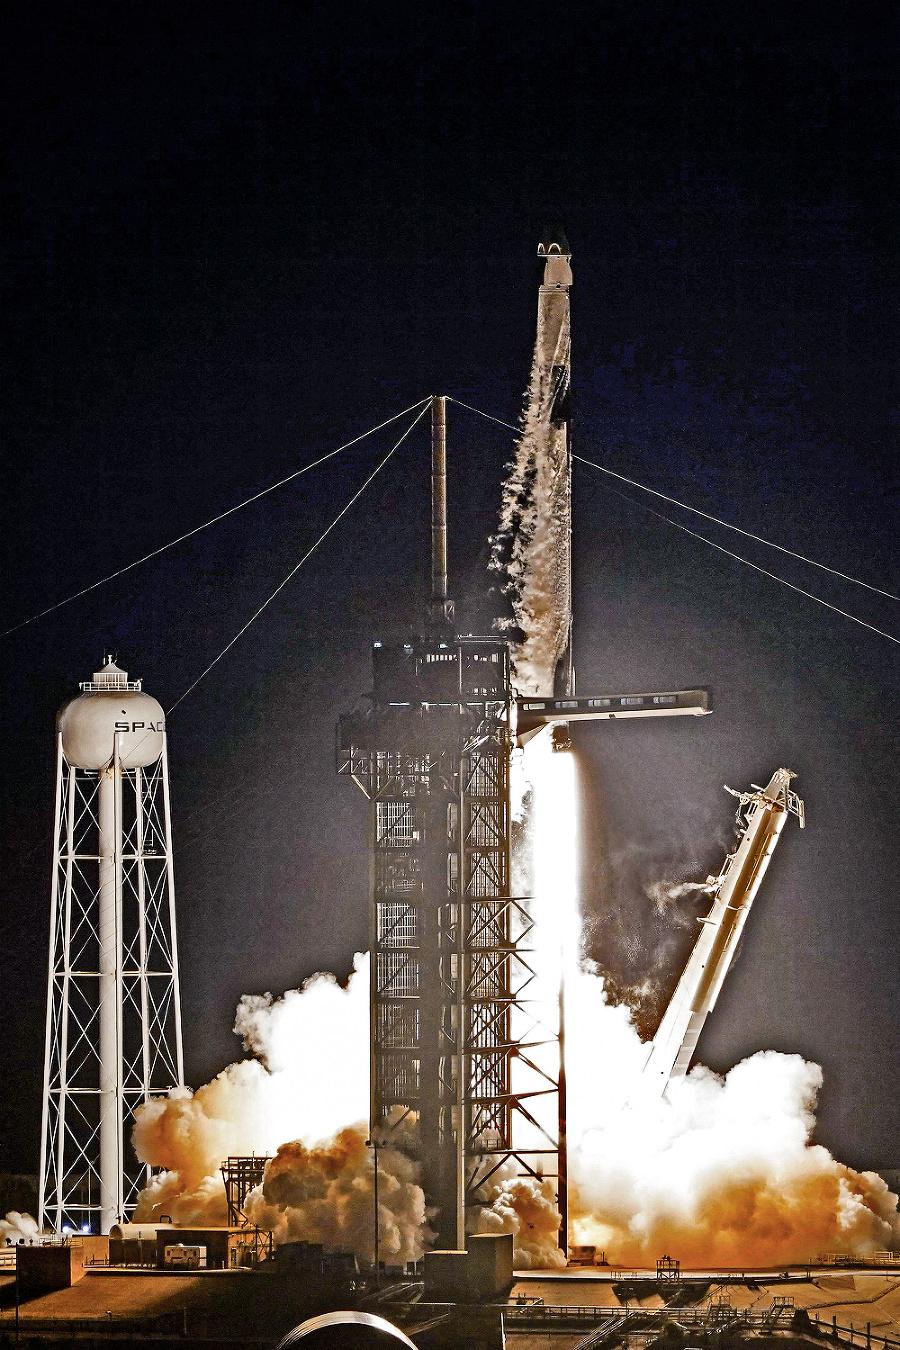 Na orbitu vyleteli v stredu v noci.